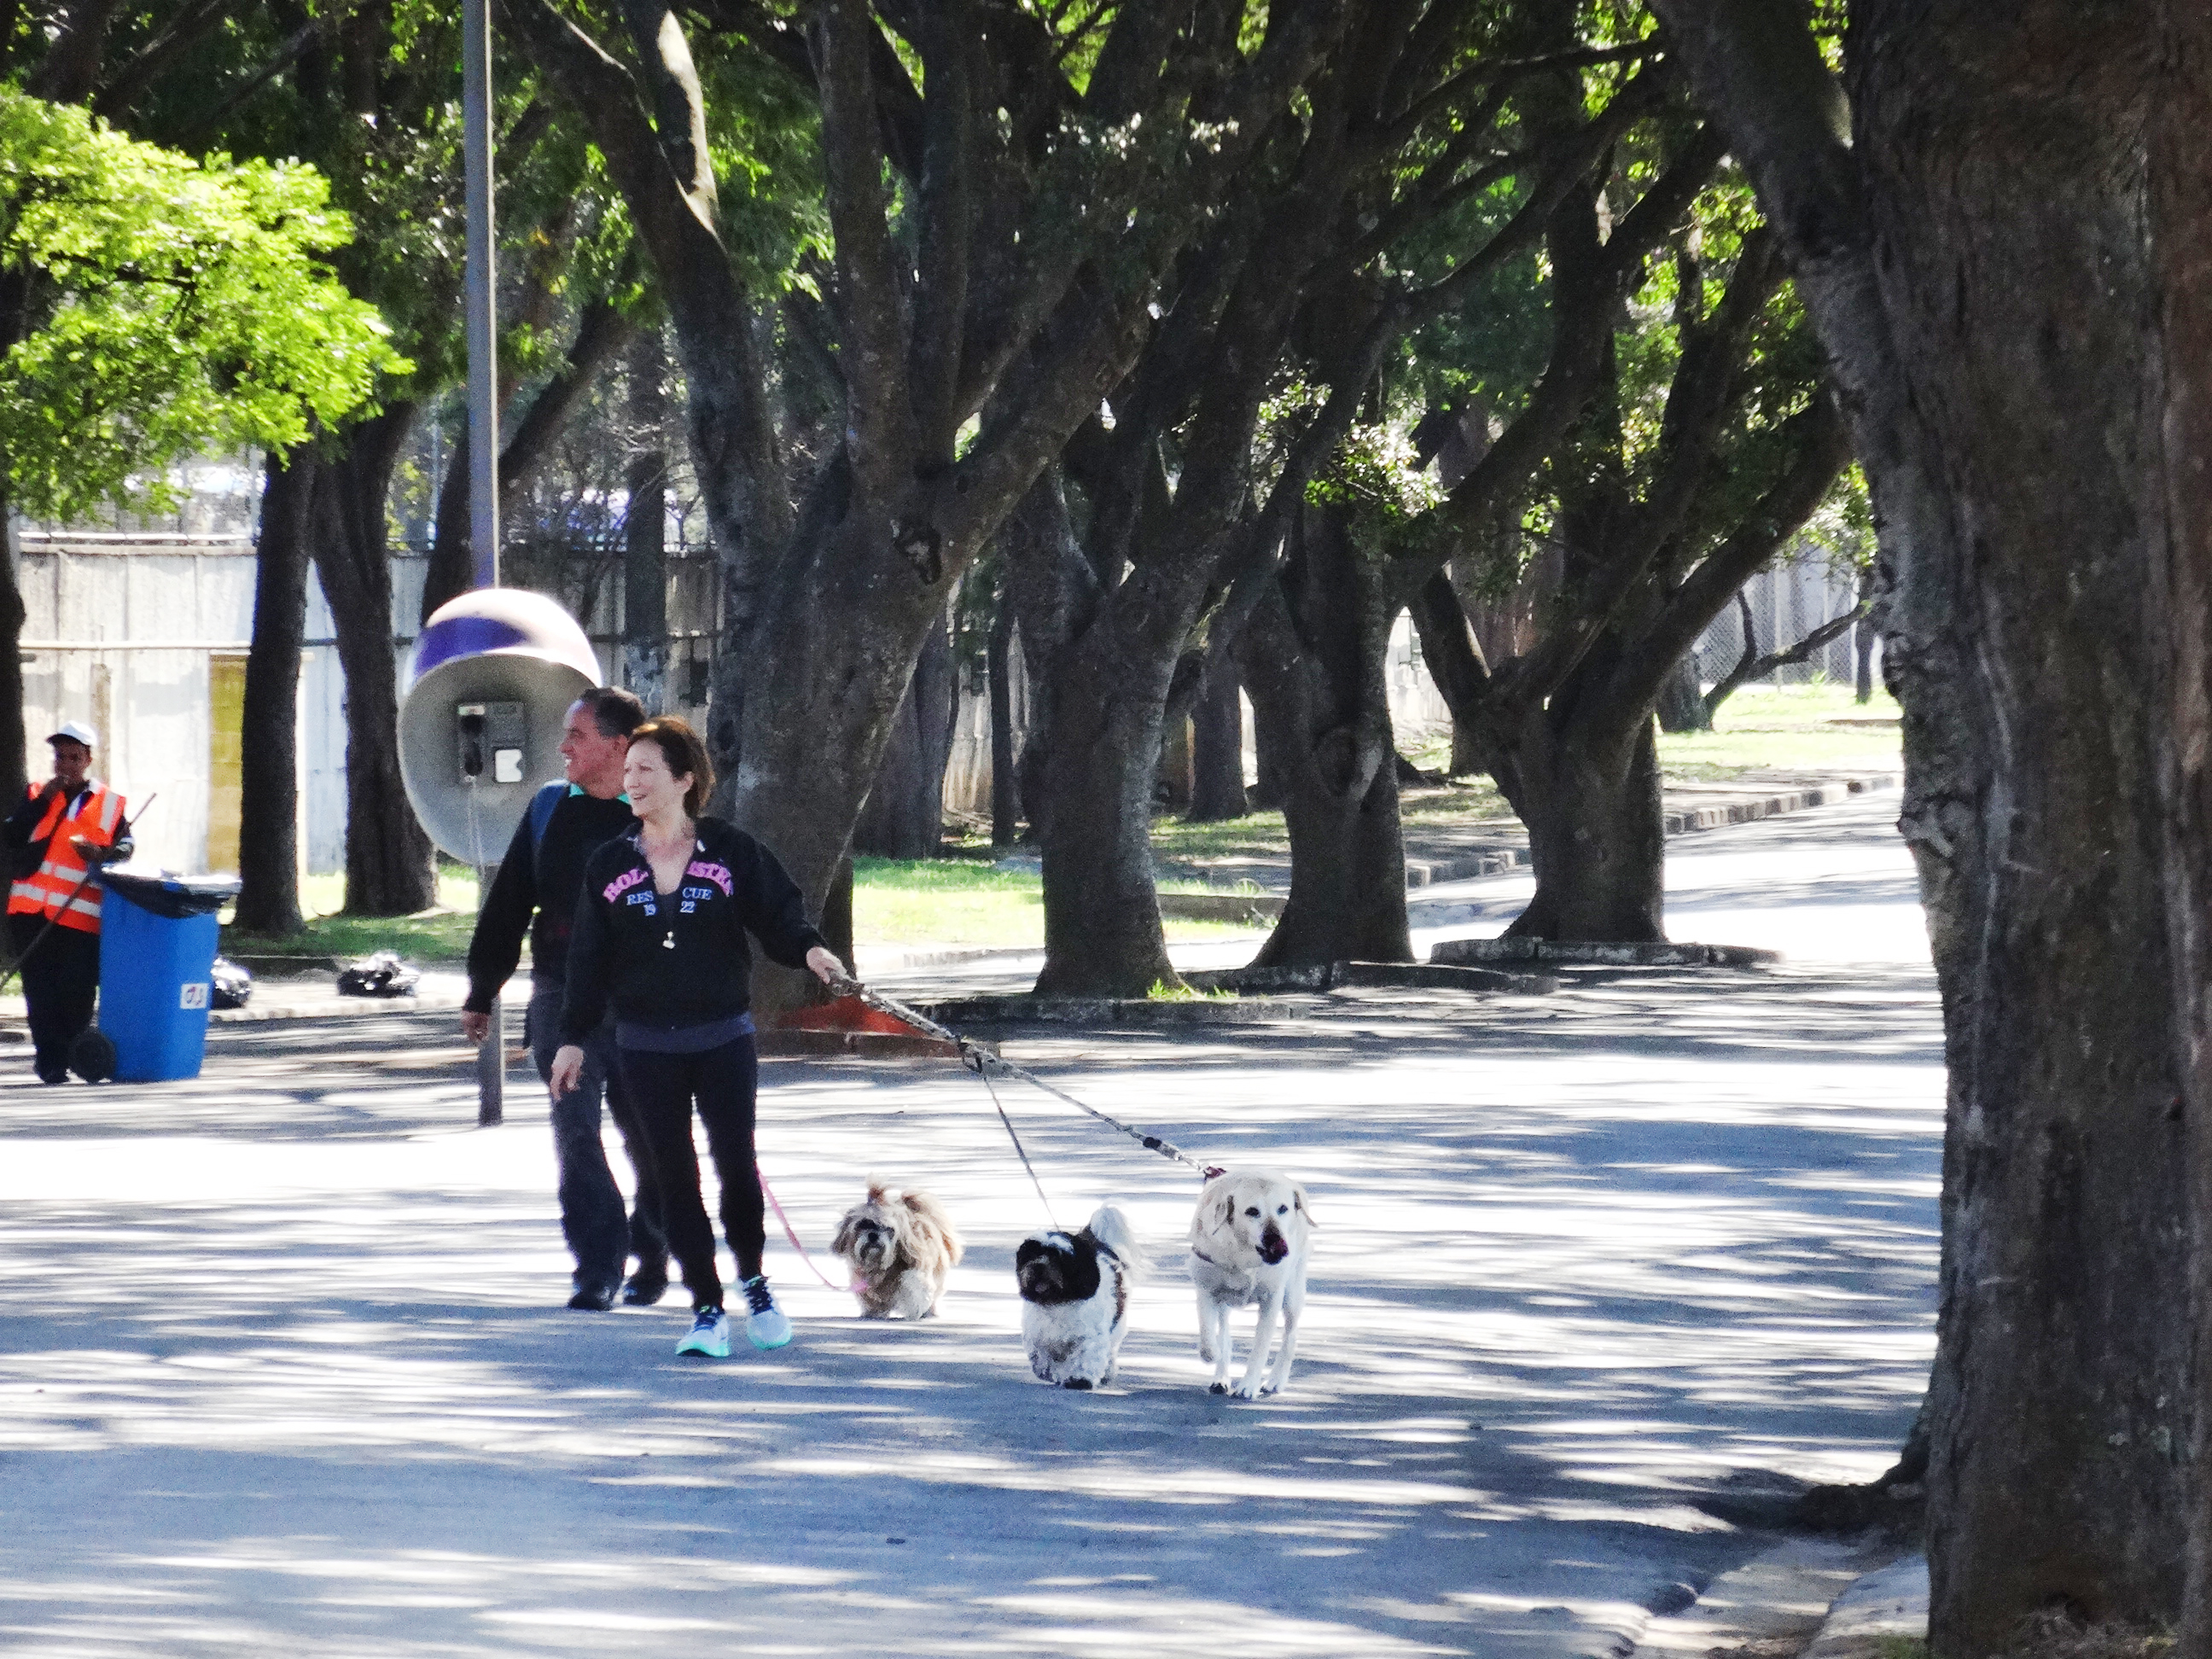 Casal passeio com os cachorros. Foto: Marcelo Iha/ SPTuris.